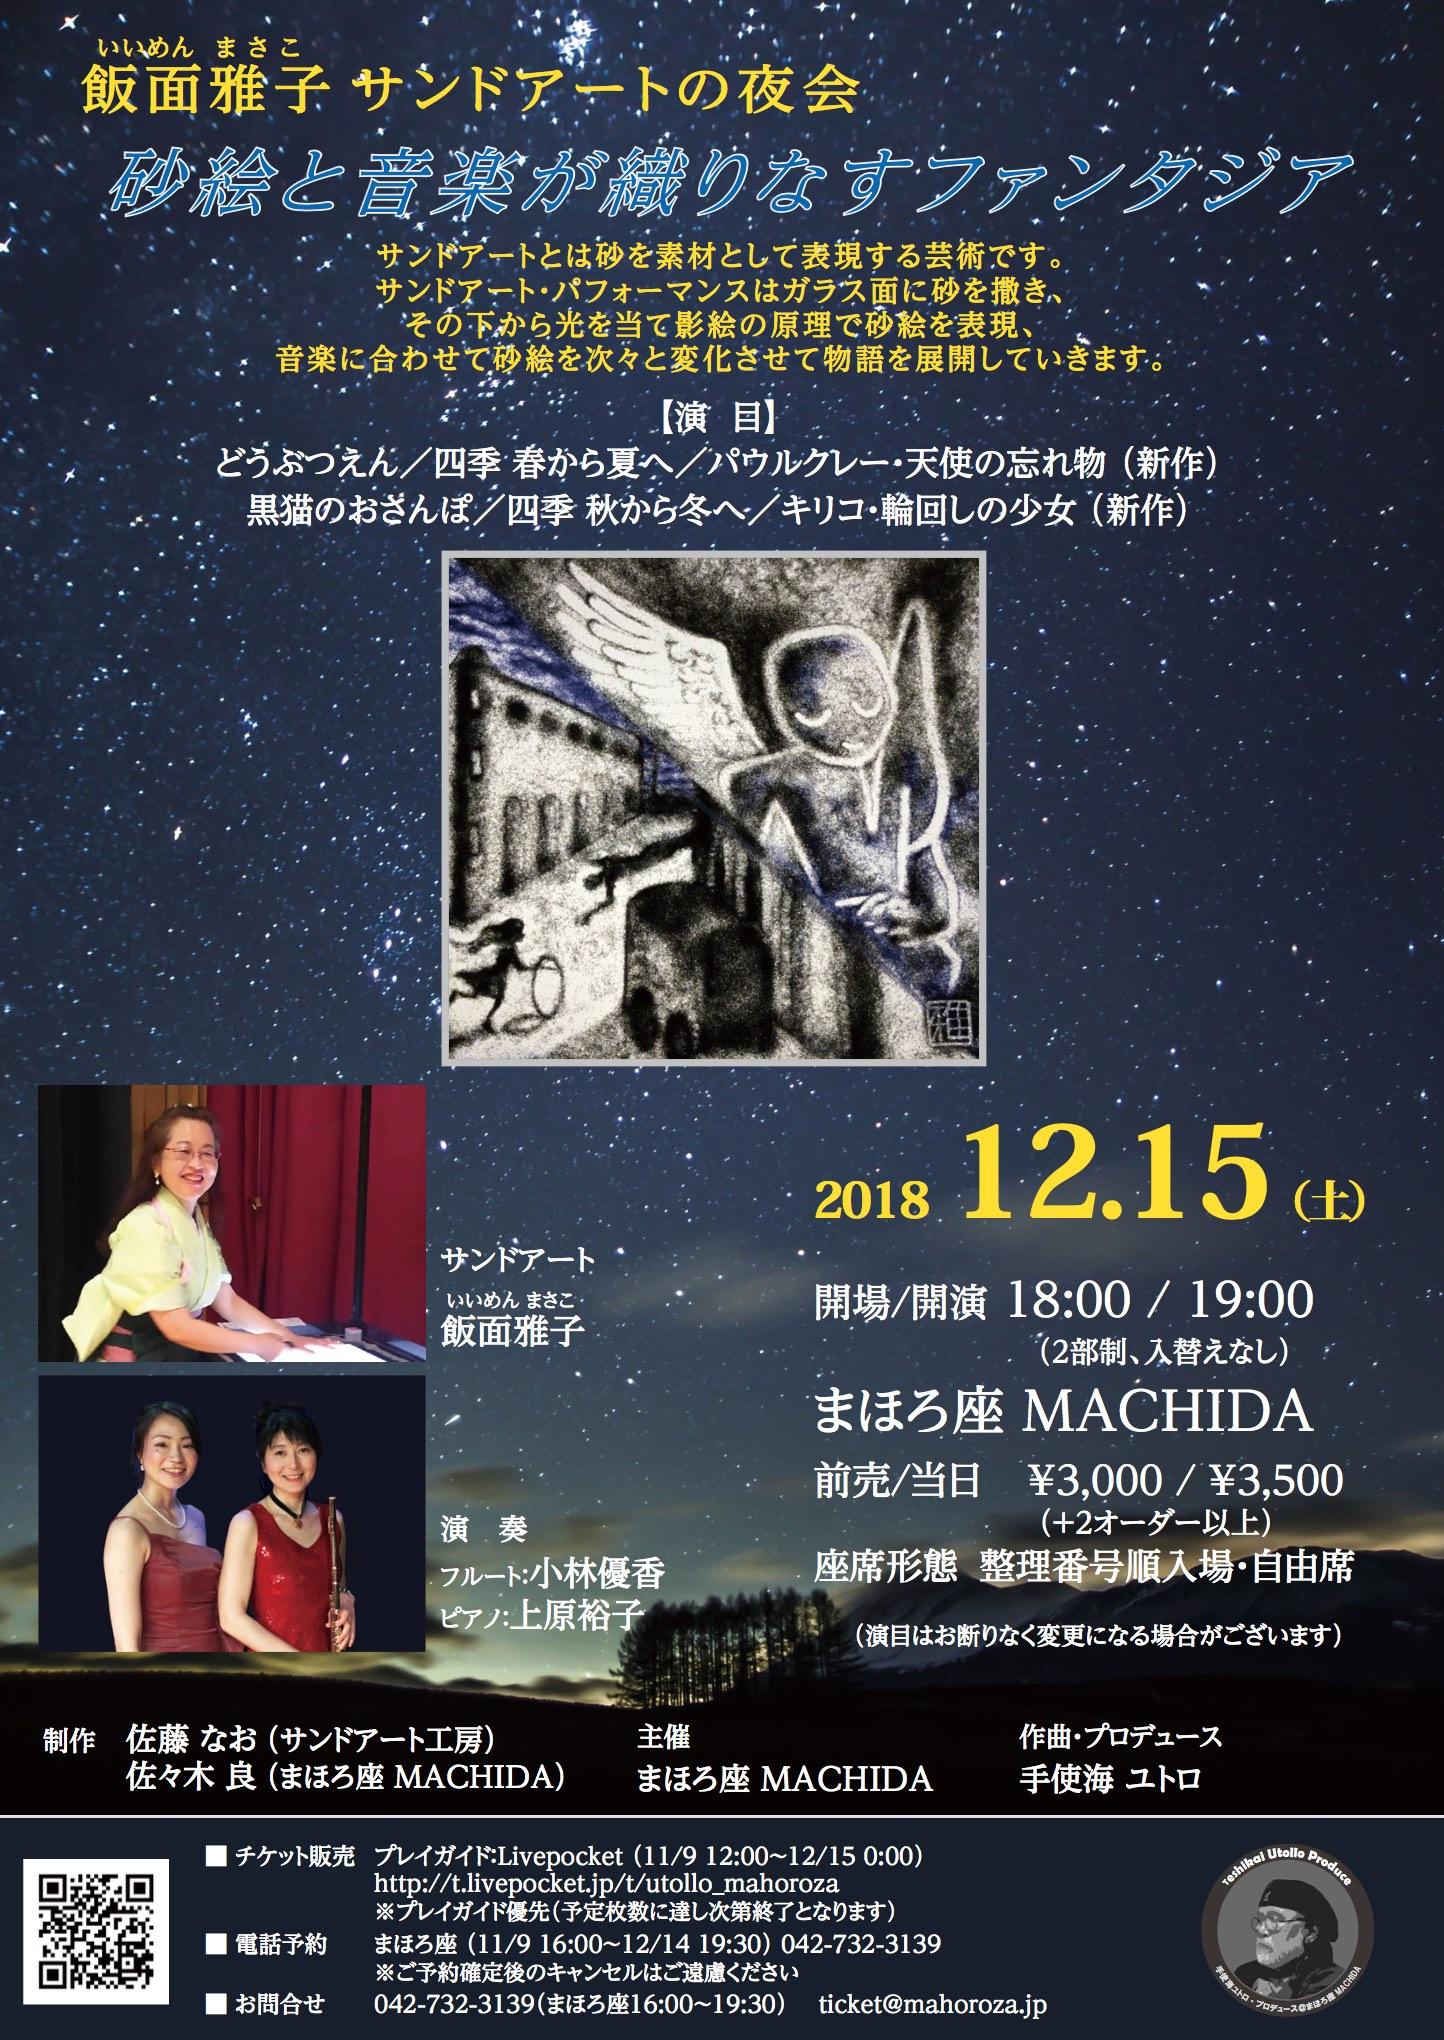 飯面雅子 サンドアートの夜会 砂絵と音楽が織りなすファンタジア